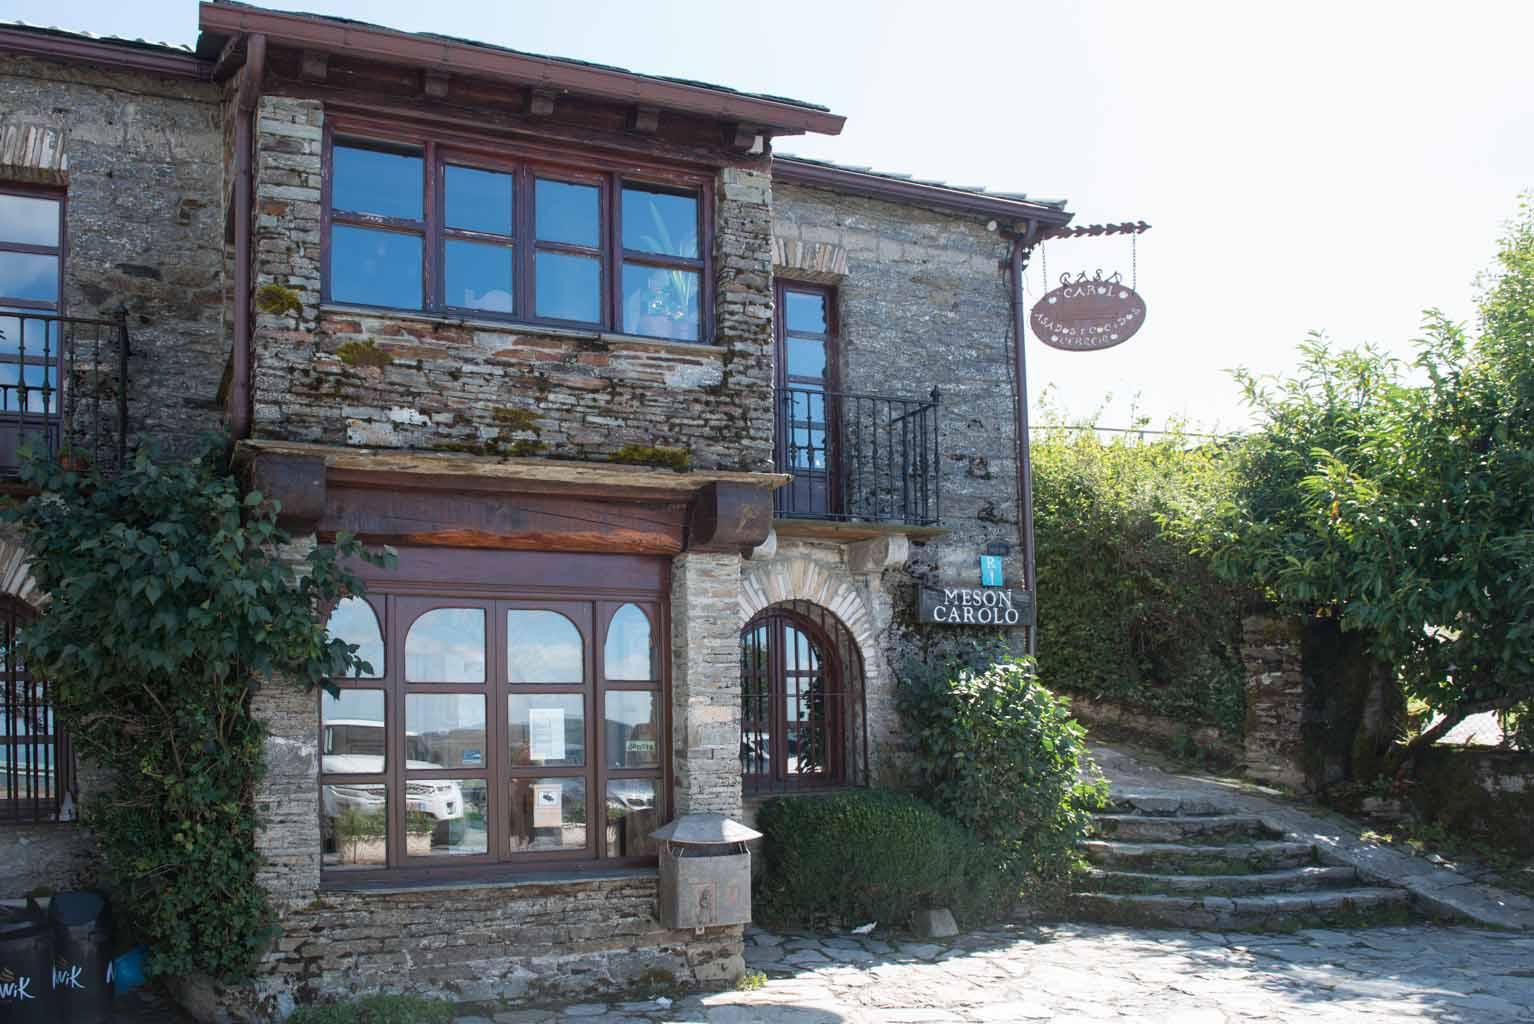 Casa Carolo_3